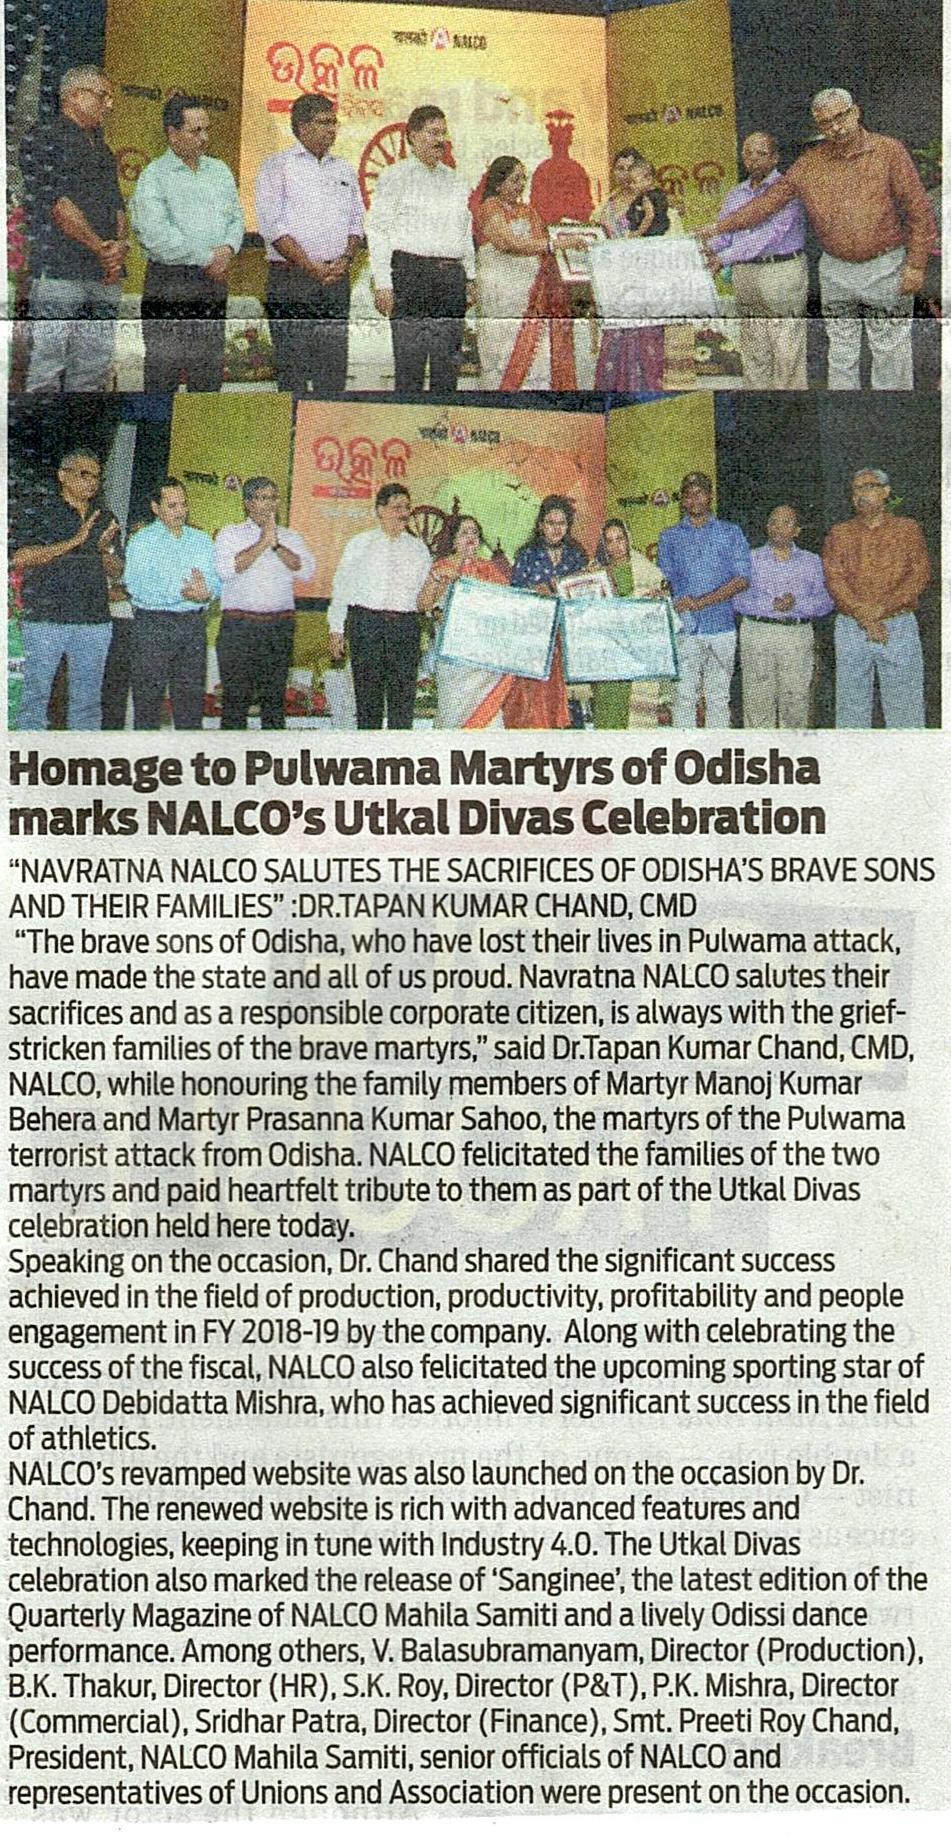 ओड़िशा के पुलवामा शहीदों को श्रद्धांजलि के साथ नालको का उत्कल दिवस समारोह संपन्न हुआ